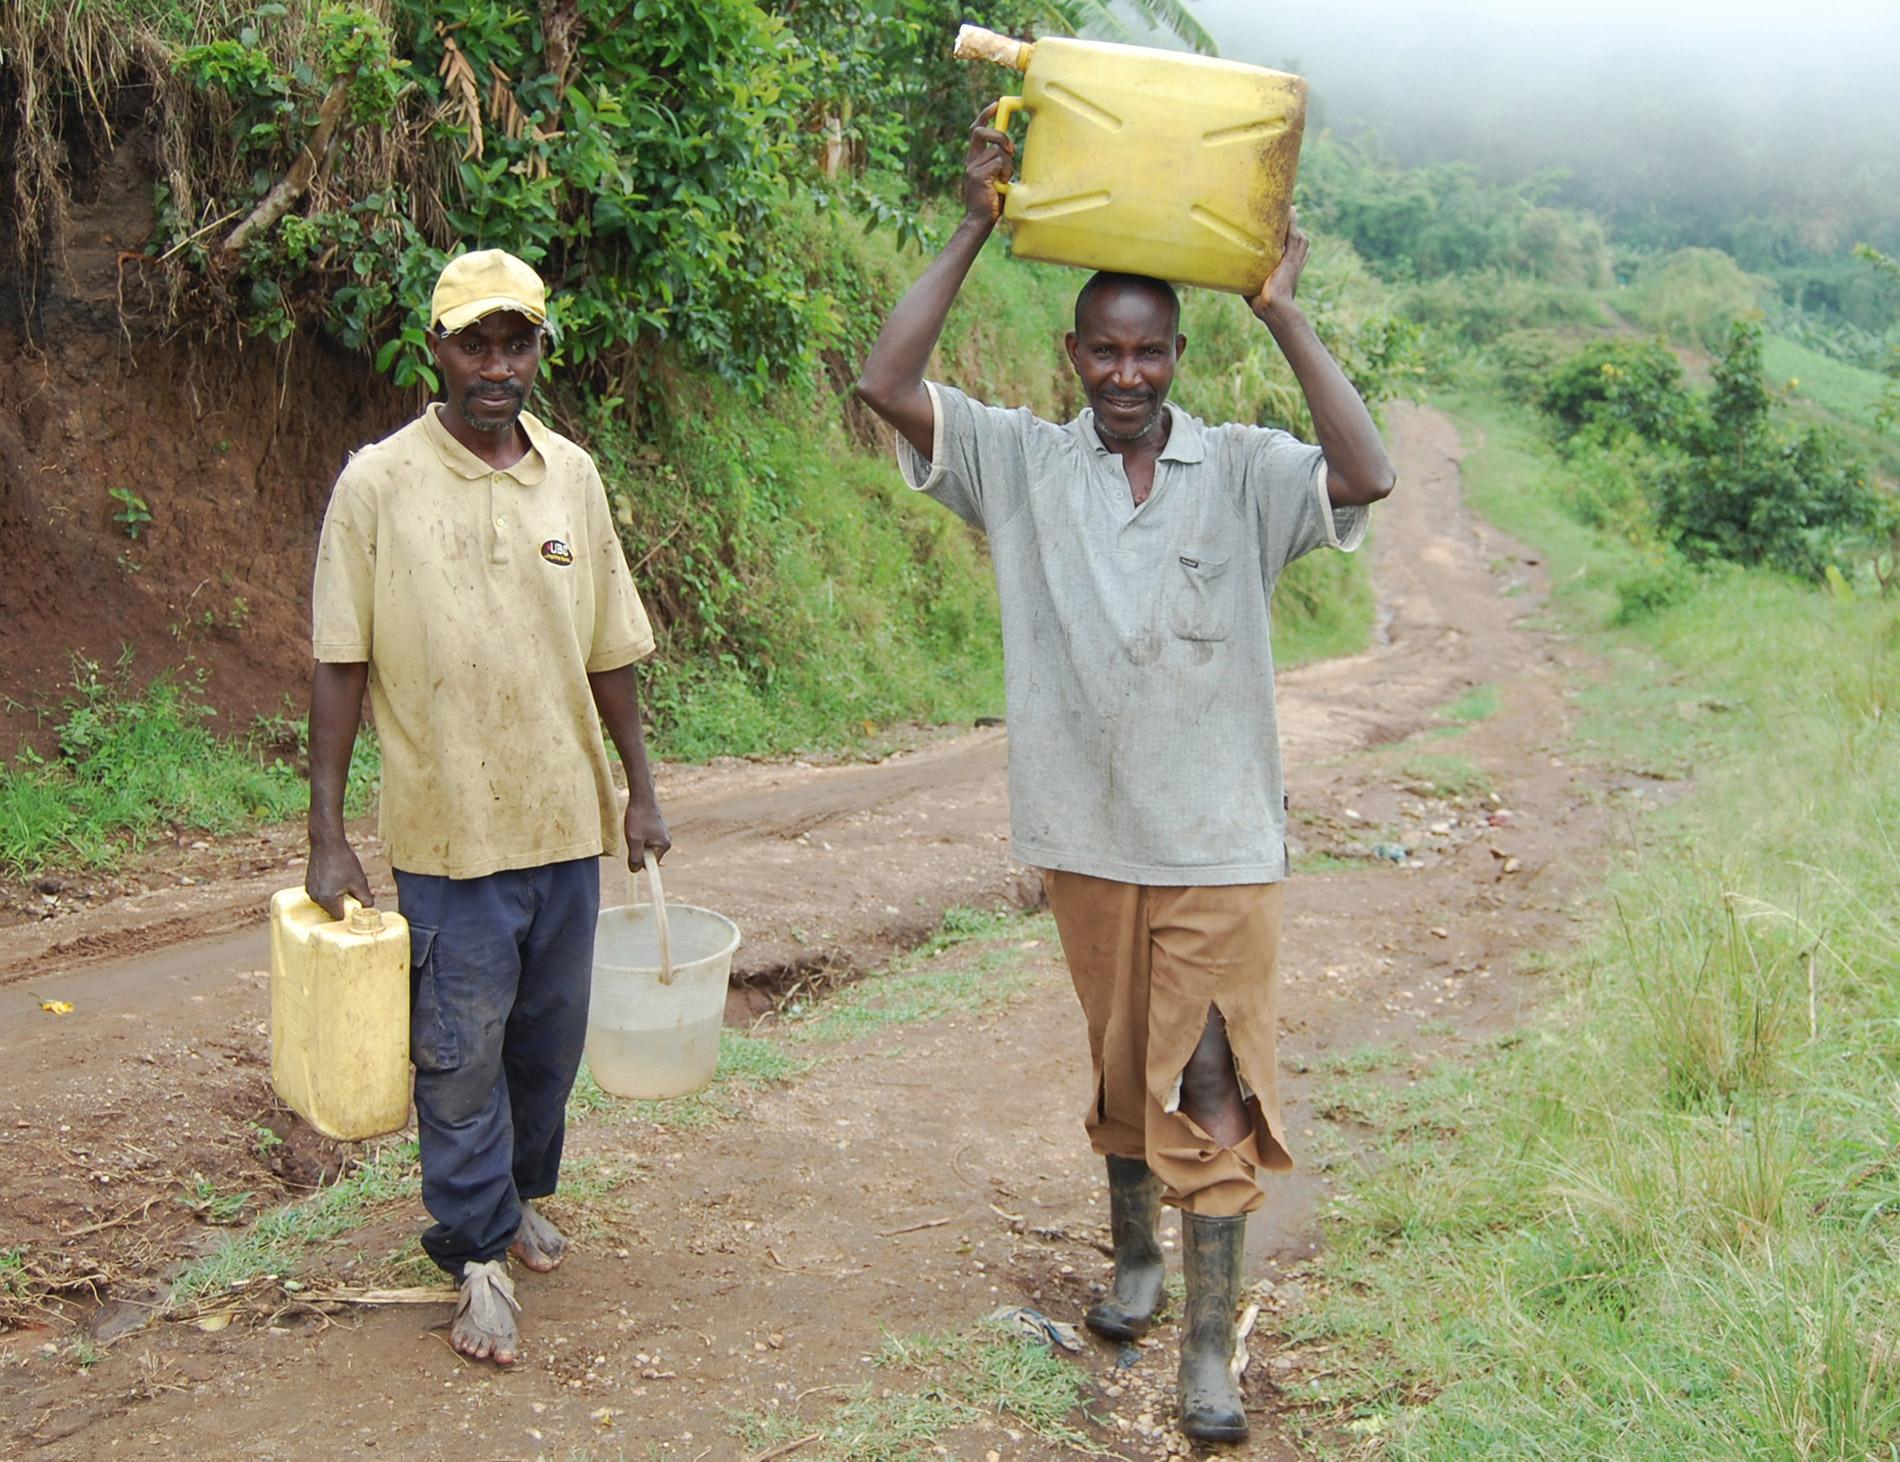 Pius Masereka und Exavier Bwanandeke tragen die Wasserkanister zur Waschstation (v.l.n.r.)